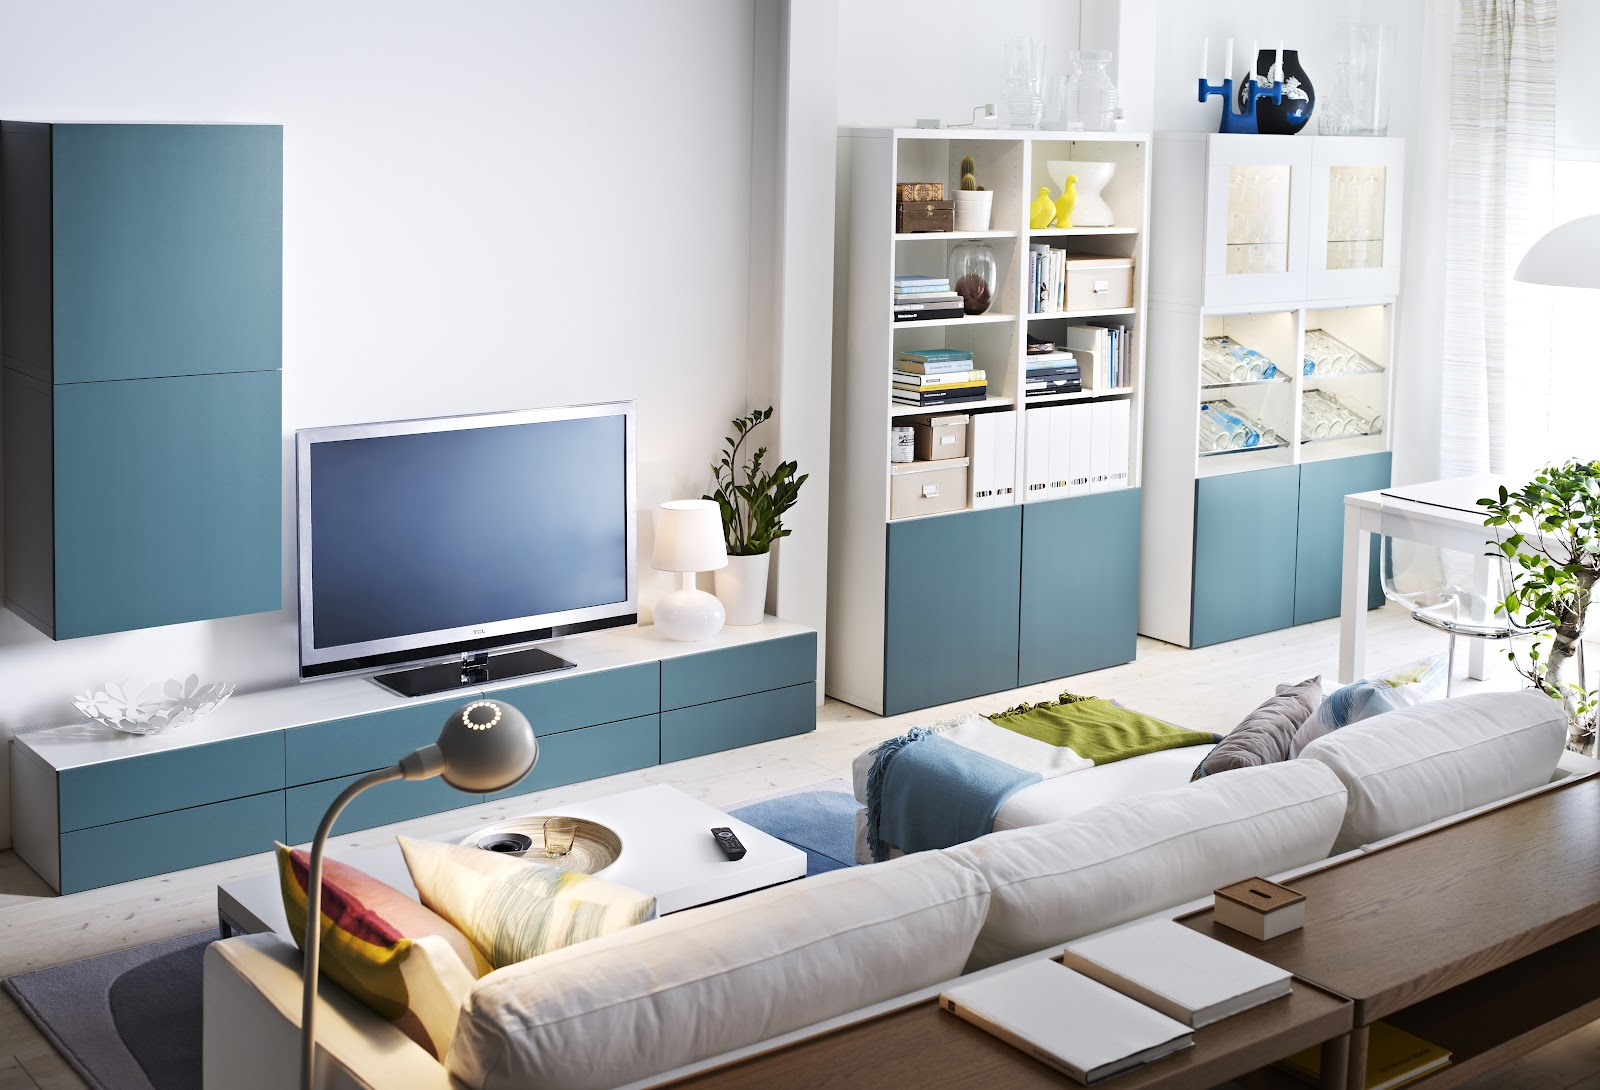 Idea untuk dekorasi ruang tamu ikea bahagian 4 ikea 2u - Salon nordico ikea ...